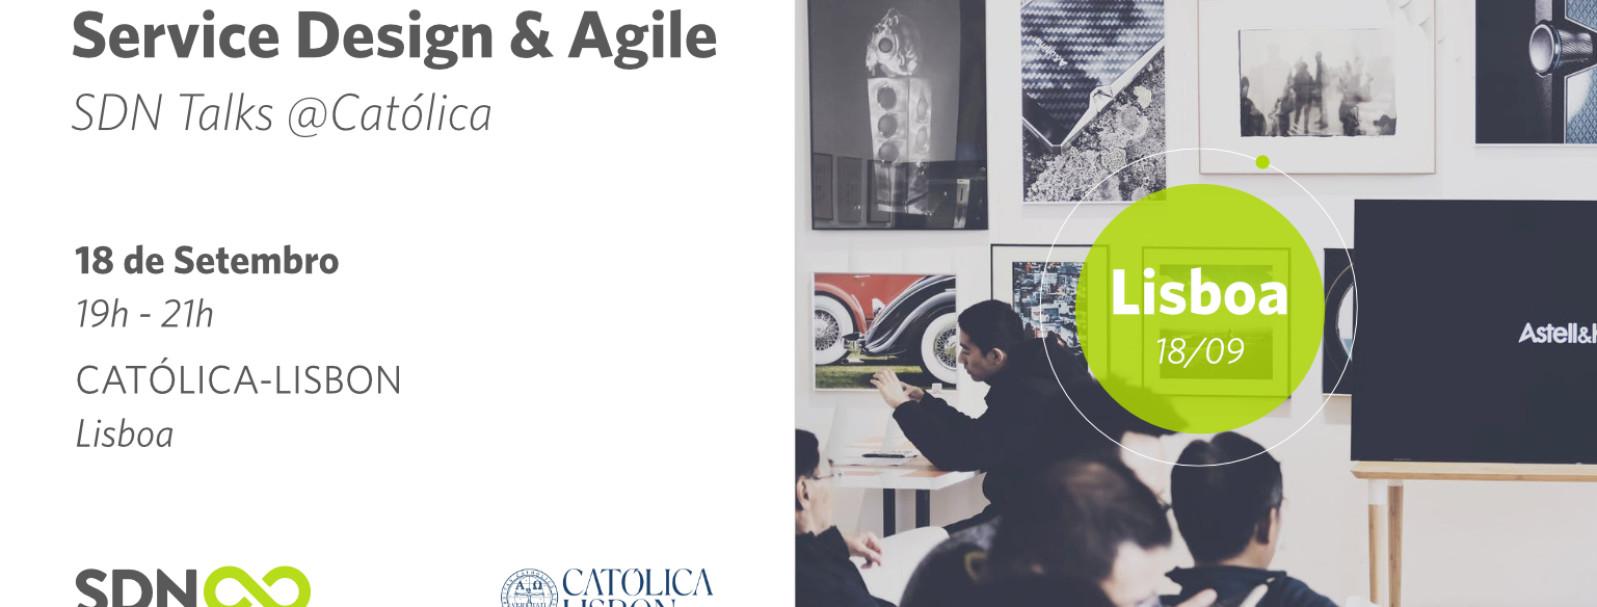 Service Design & Agile | SDN Talks @Catolica